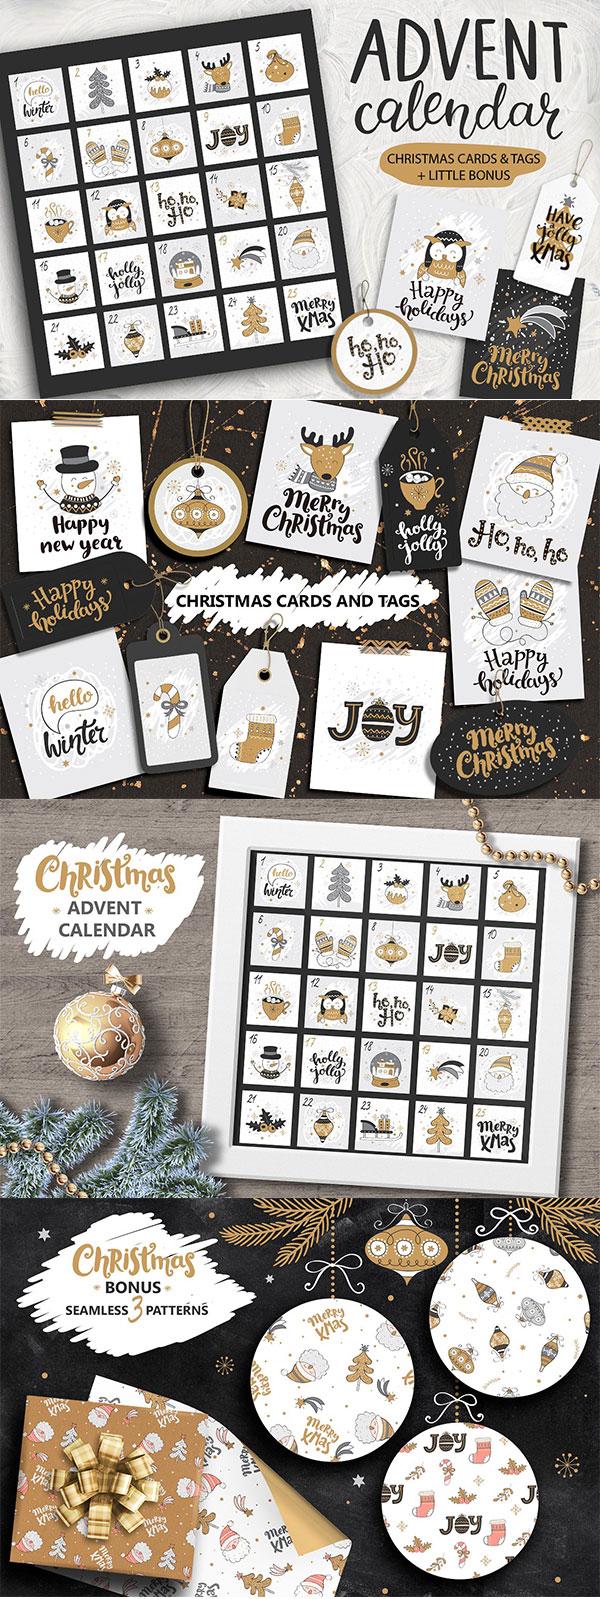 2018,日历台历,圣诞节,新年,可爱风格,手绘矢量,2018,12张预制卡,10个